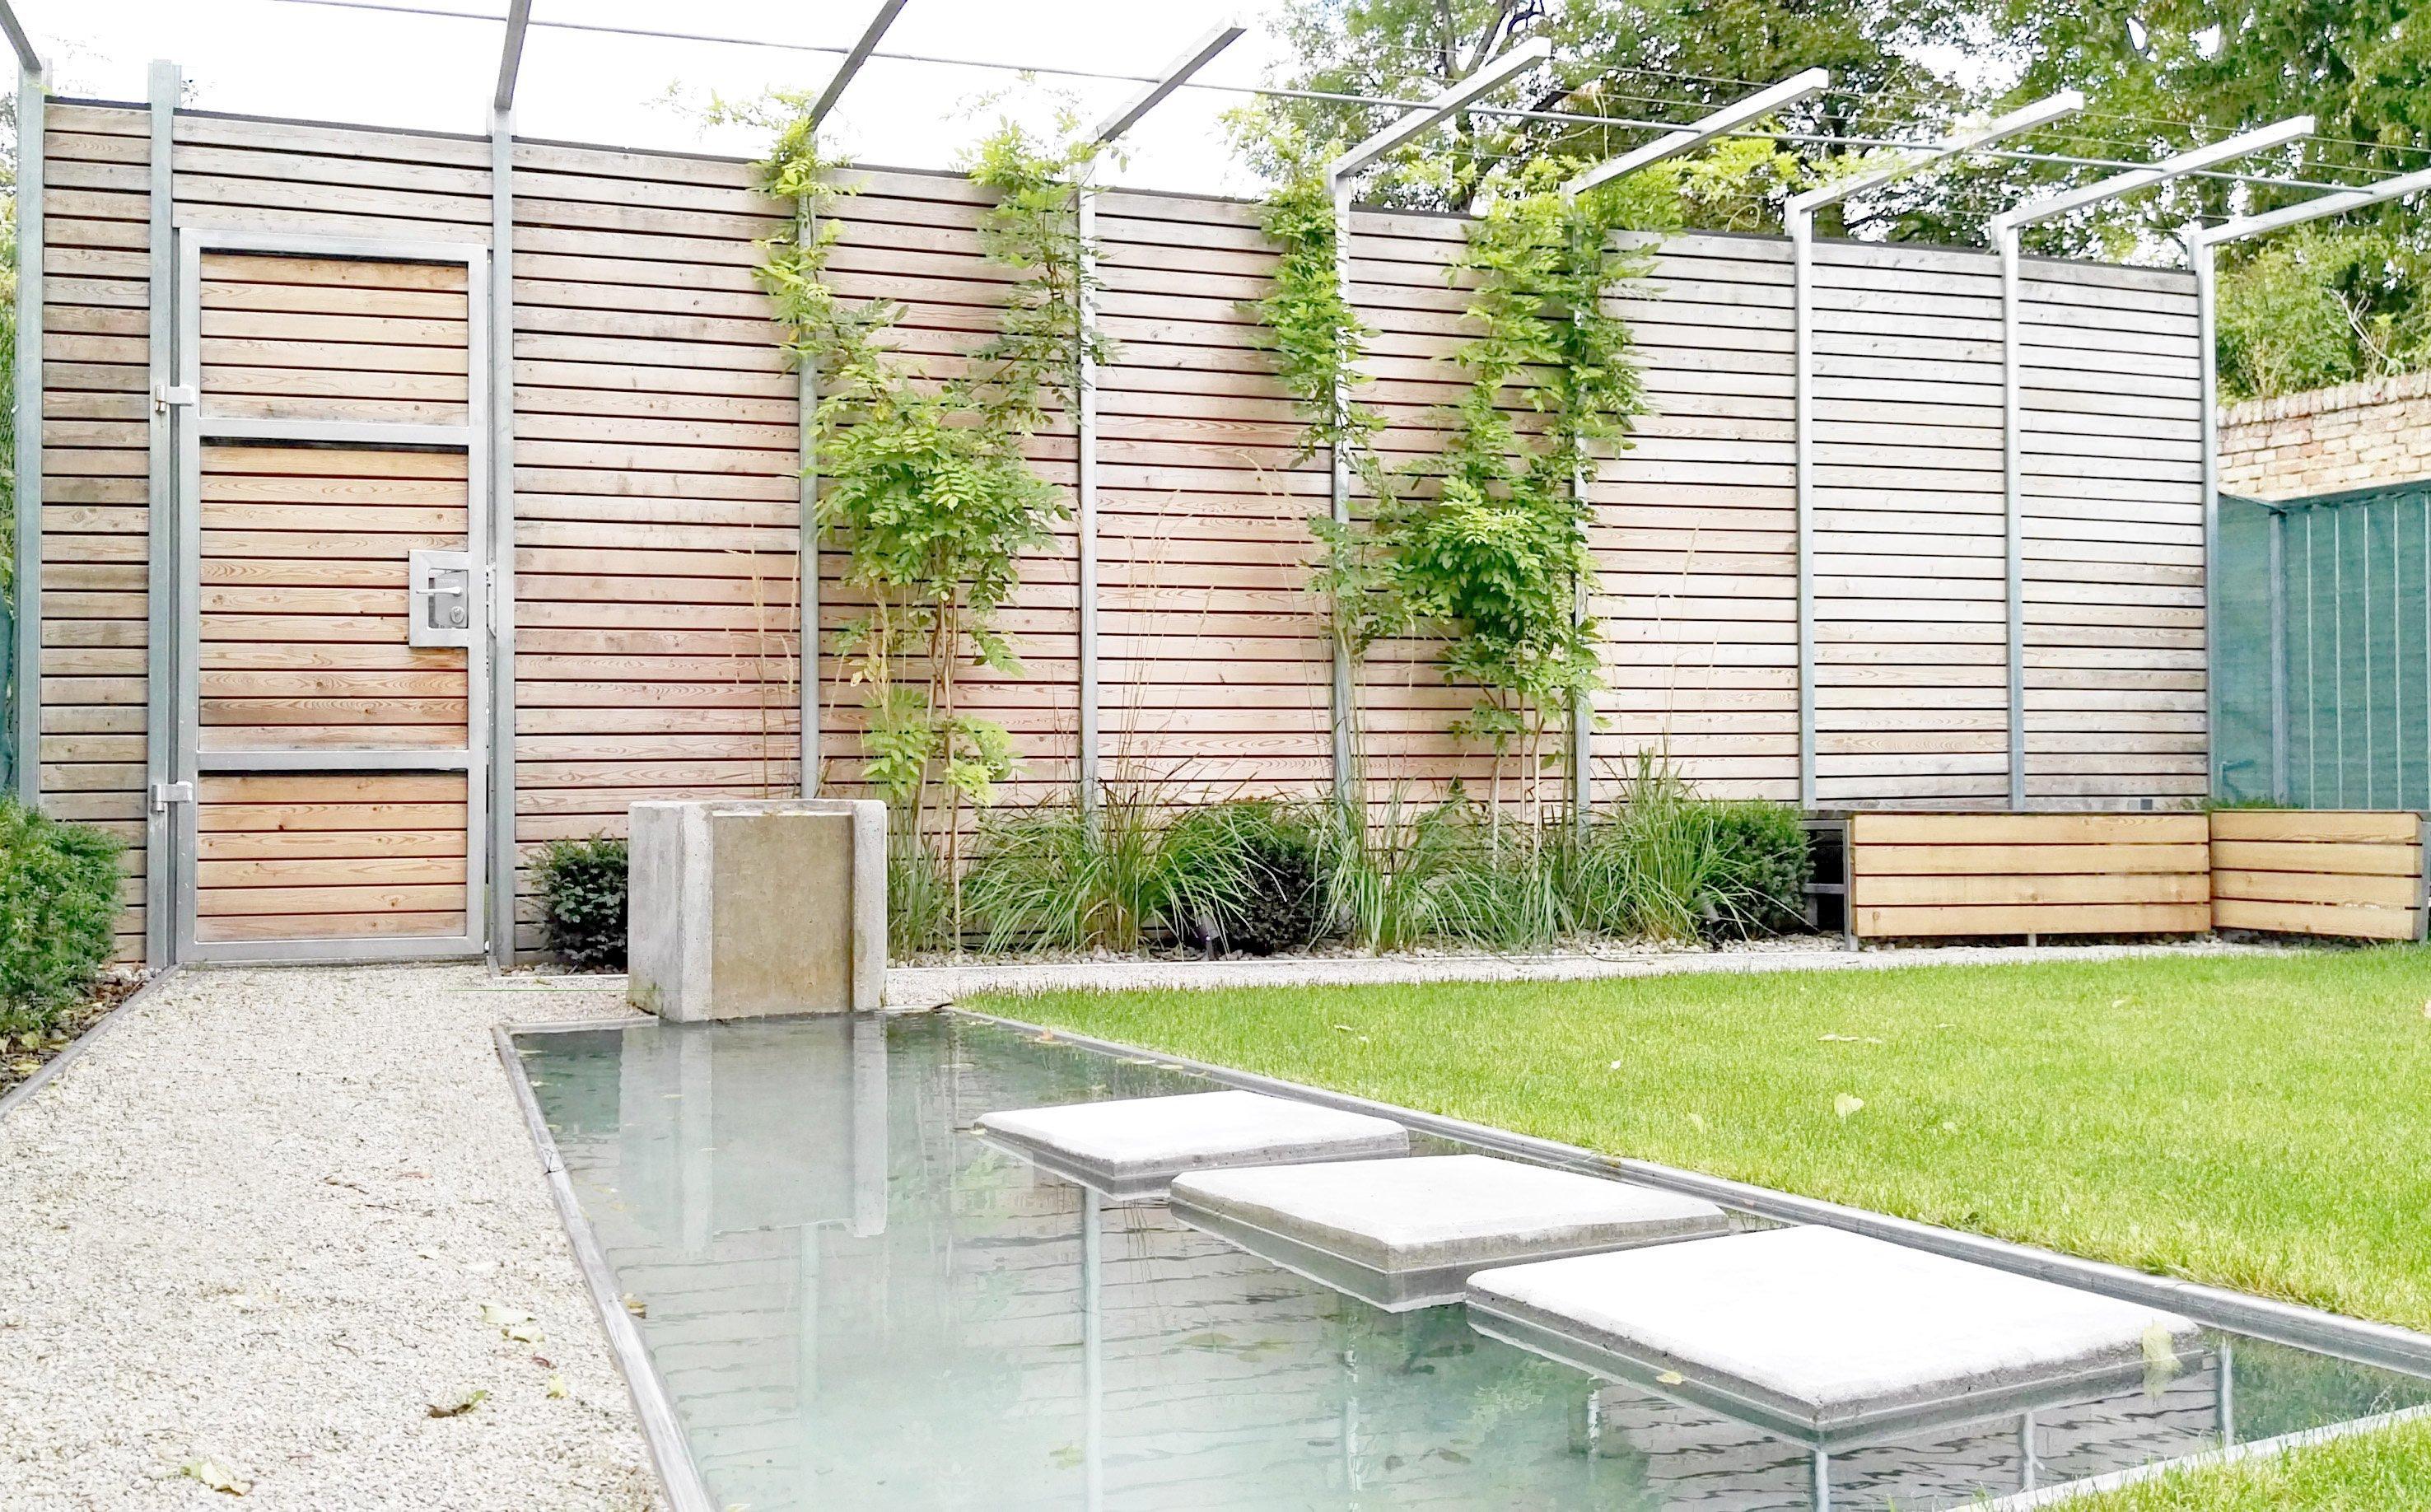 Perchtoldsdorf 2 gartengestaltung in wien und for Gartenbeispiele gestaltung